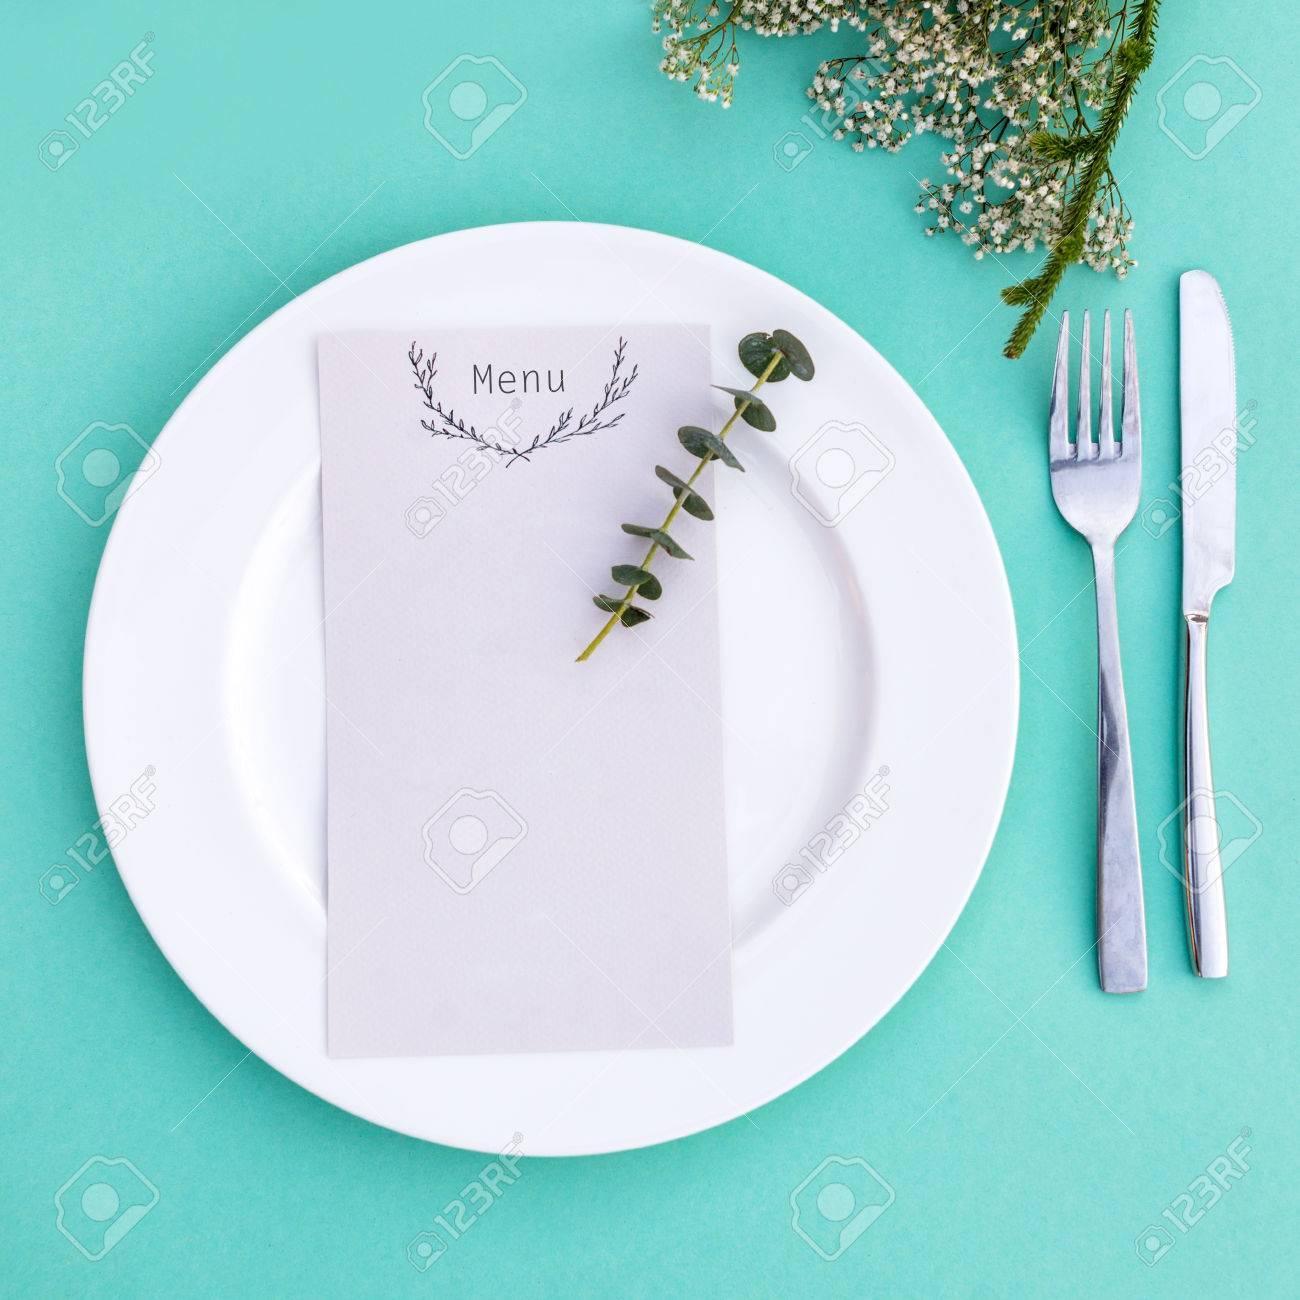 Dinner Menu Fur Eine Hochzeit Oder Ein Luxus Abendessen Tabelleneinstellung Von Oben Elegante Leeren Teller Besteck Und Blumen Lizenzfreie Fotos Bilder Und Stock Fotografie Image 52600819